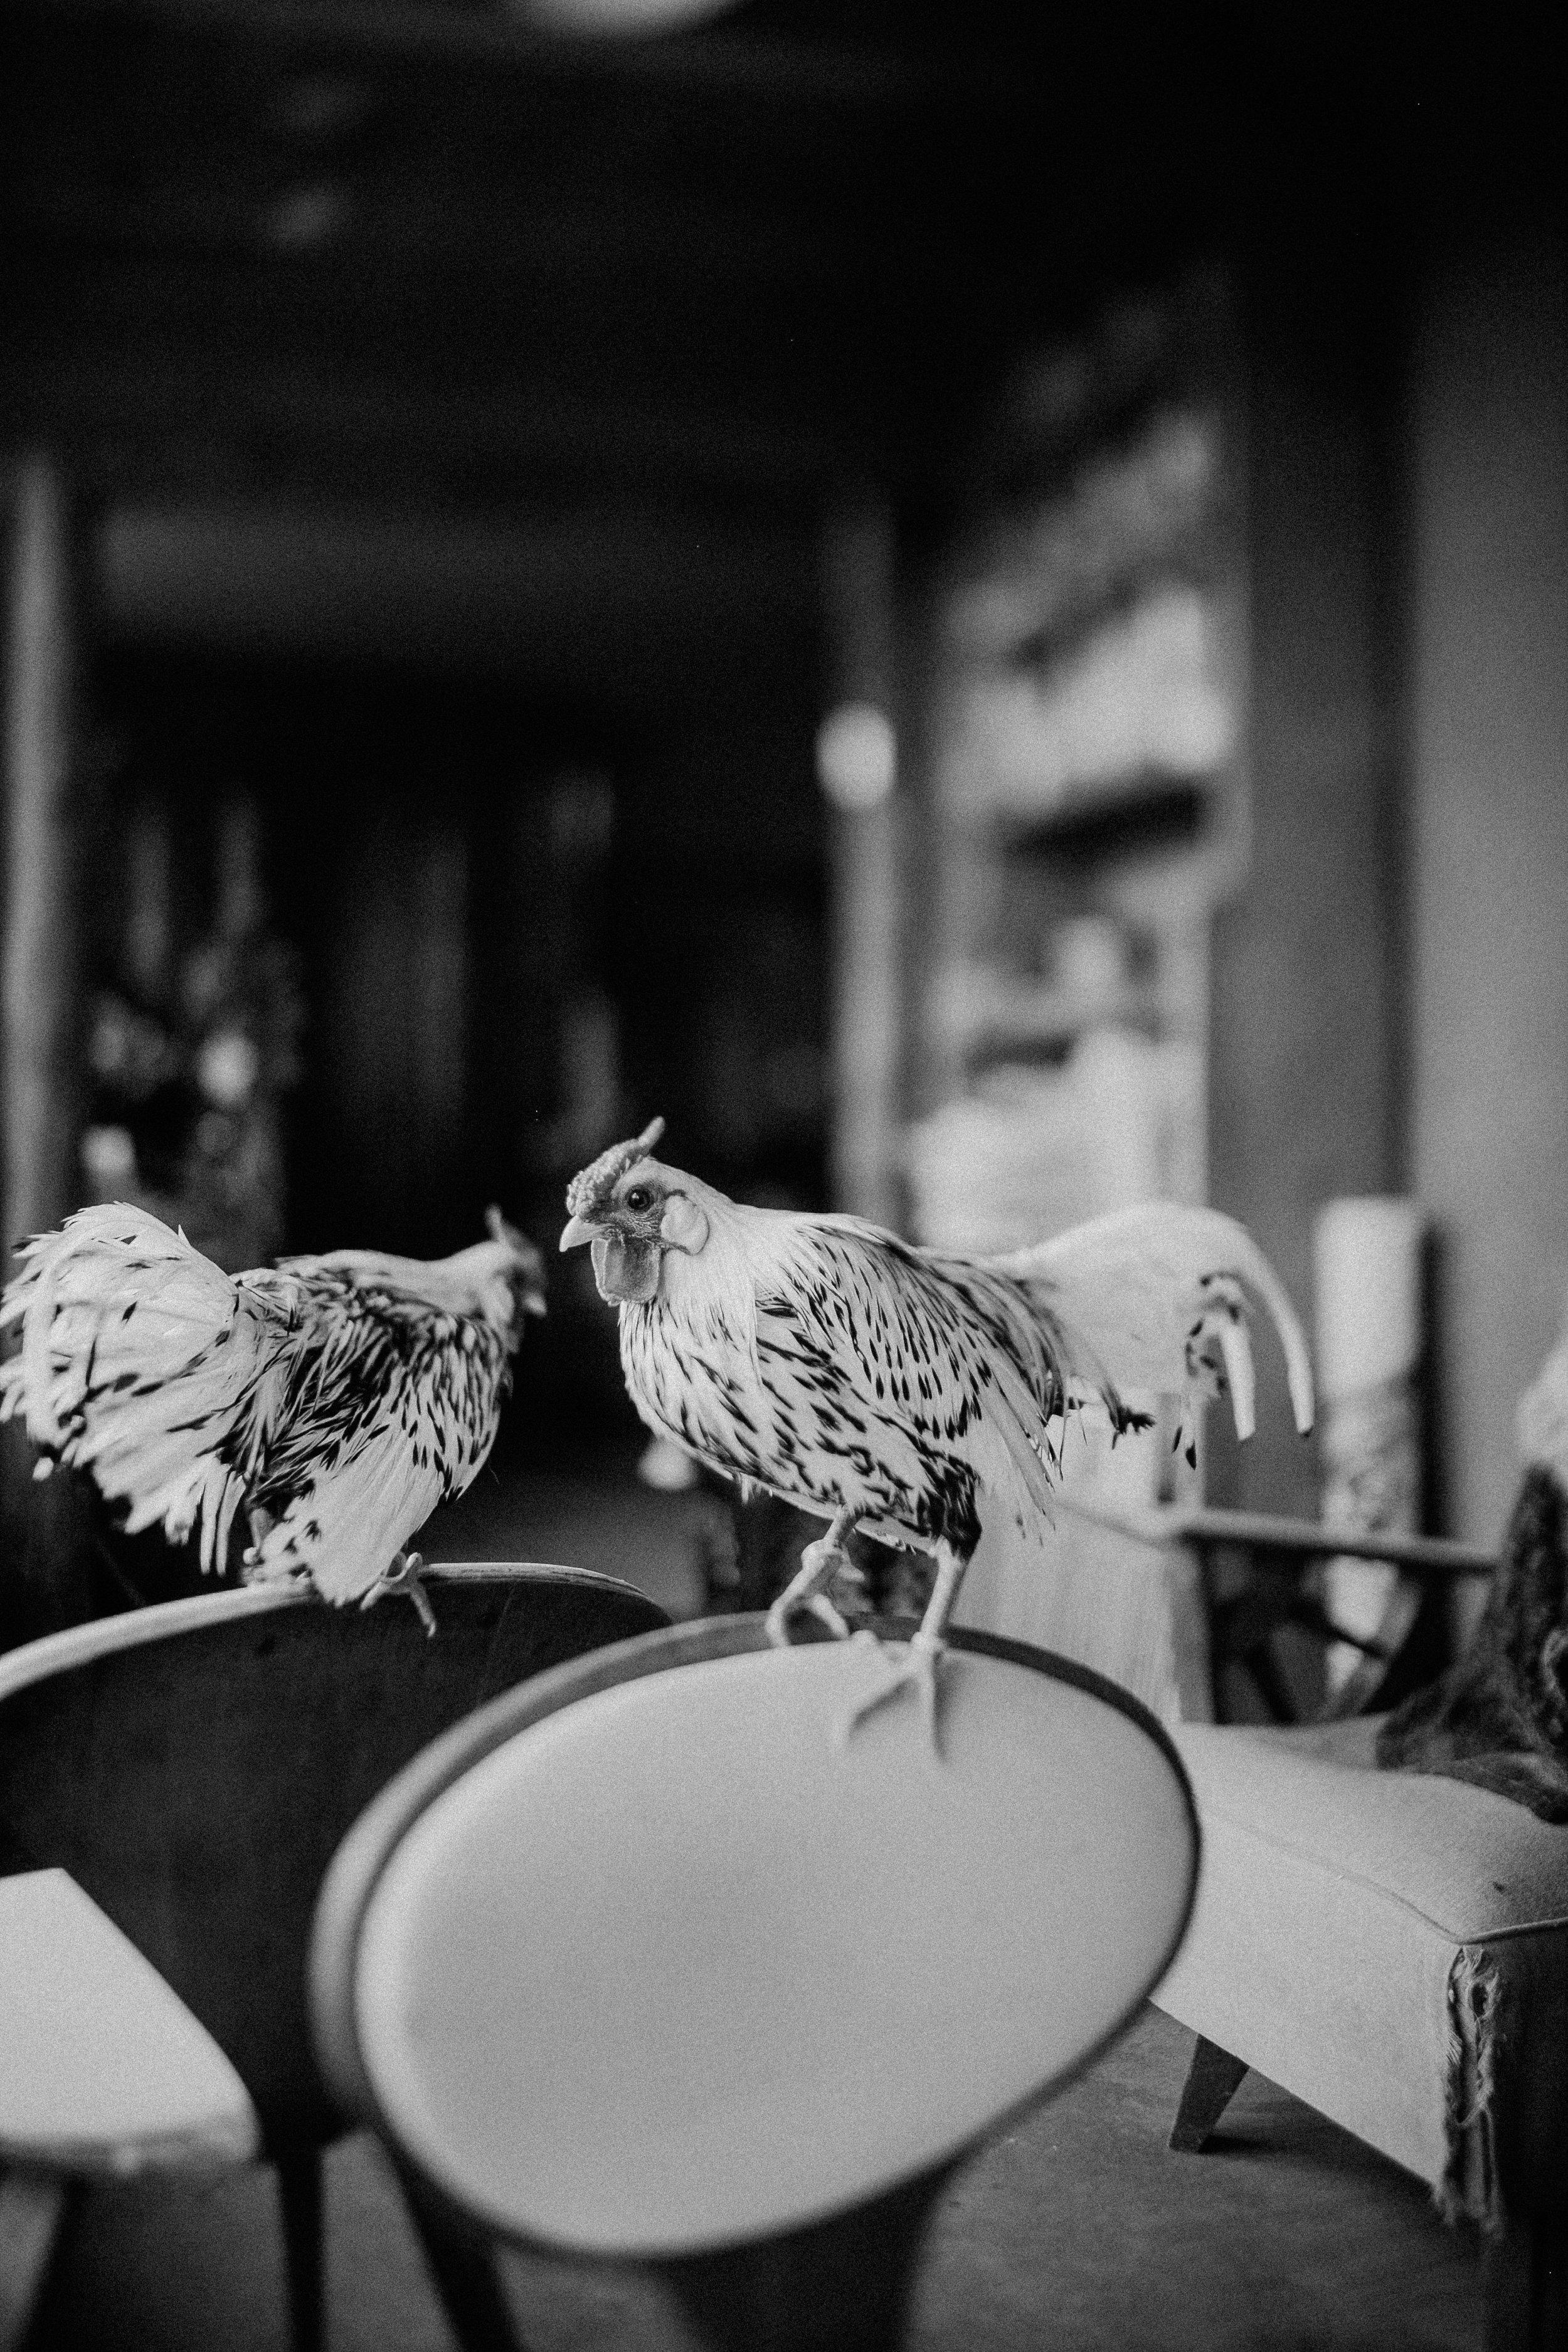 raven-chickens-7880.jpg